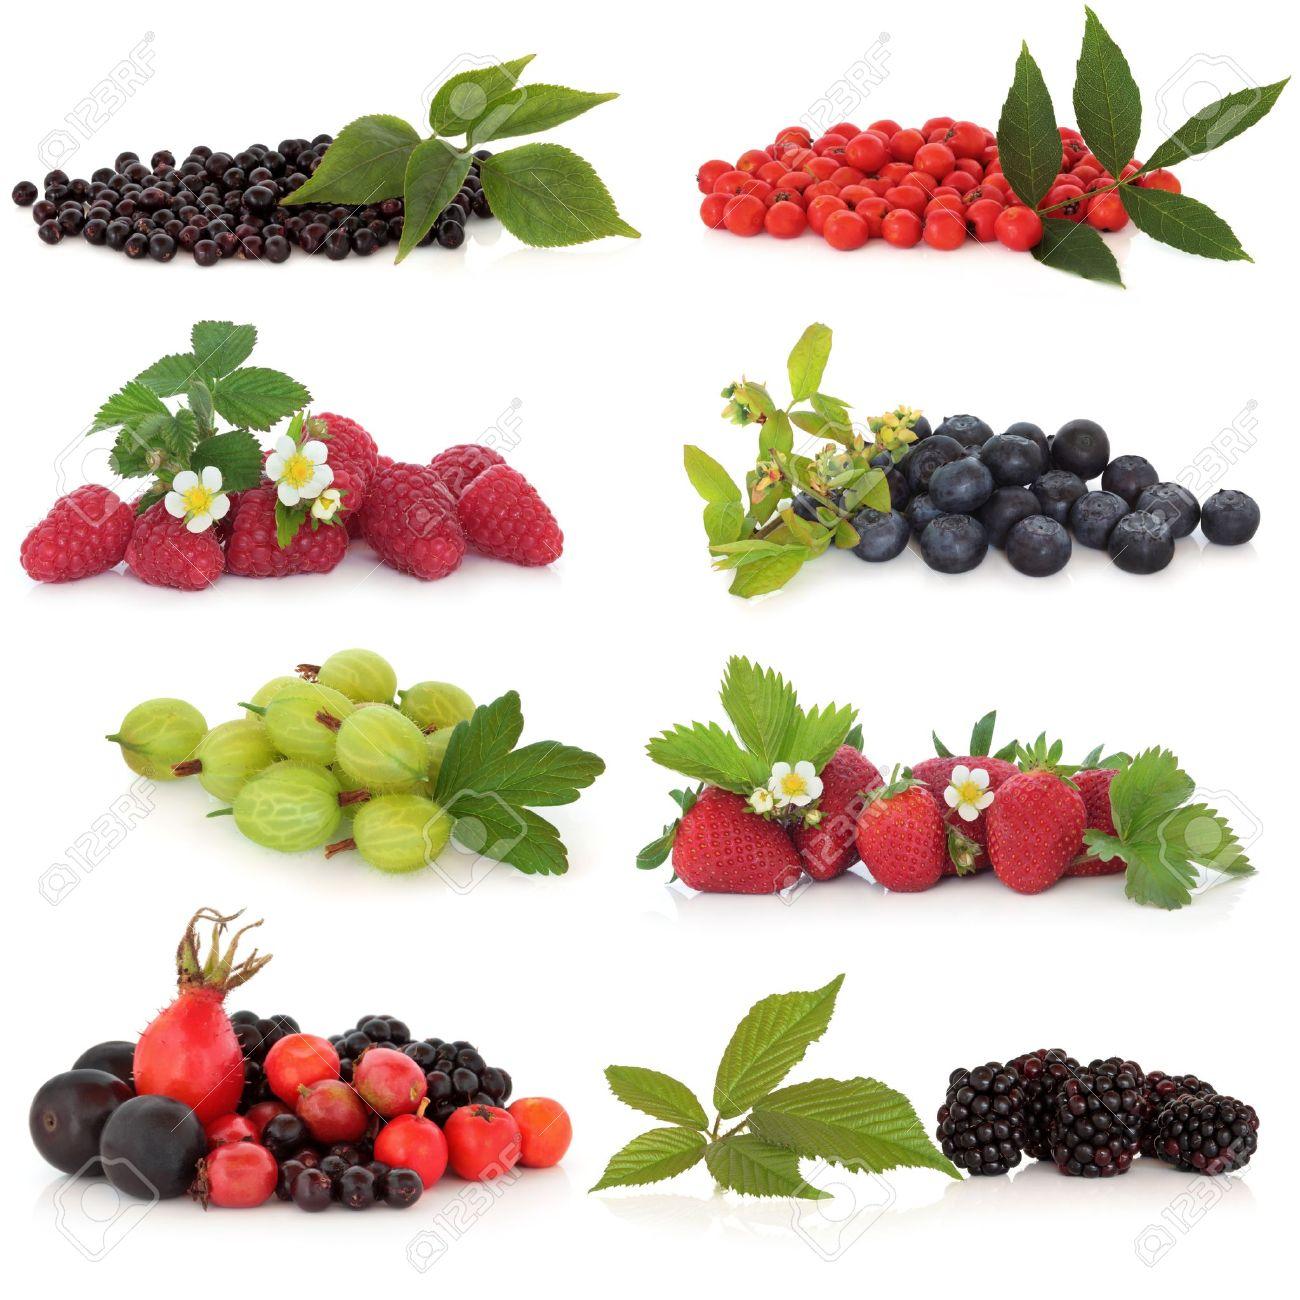 Raspberry, strawberry, gooseberry, blueberry, blackberry, elderberry, rowan, rose hip and sloe, fruit, isolated over white background. Stock Photo - 9945462